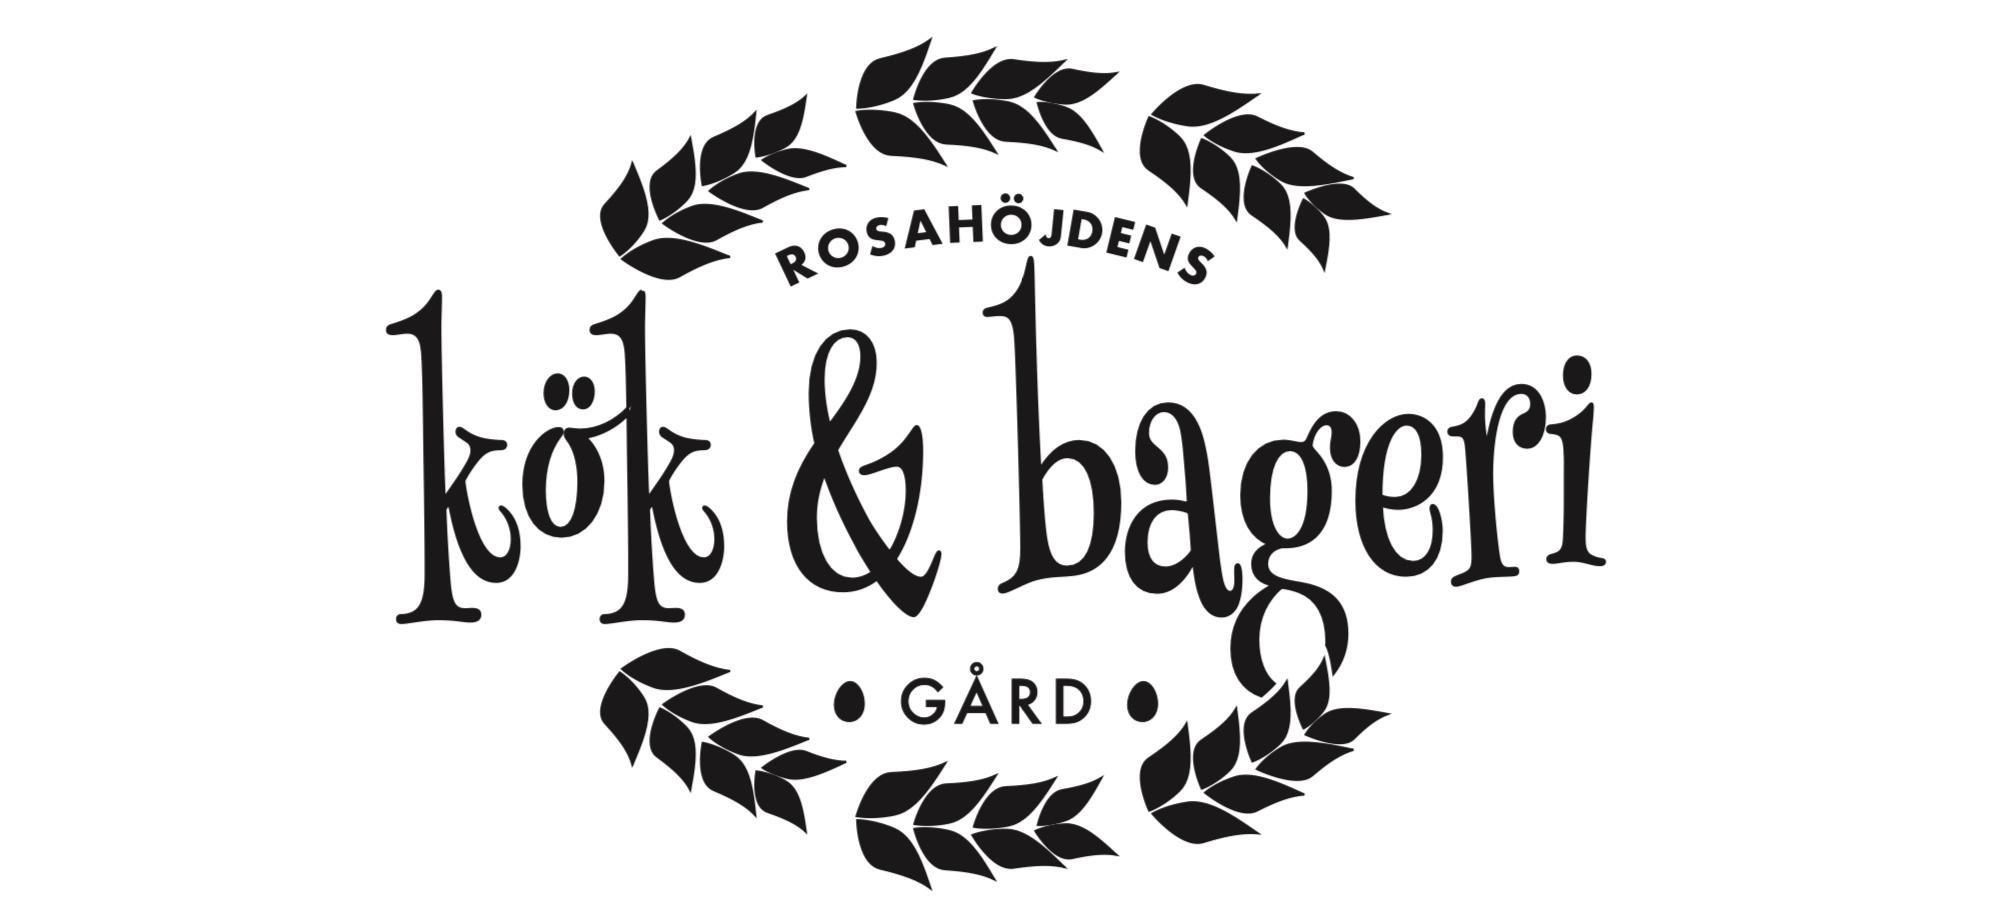 Rosahöjdens Gård, Kök & Bageri